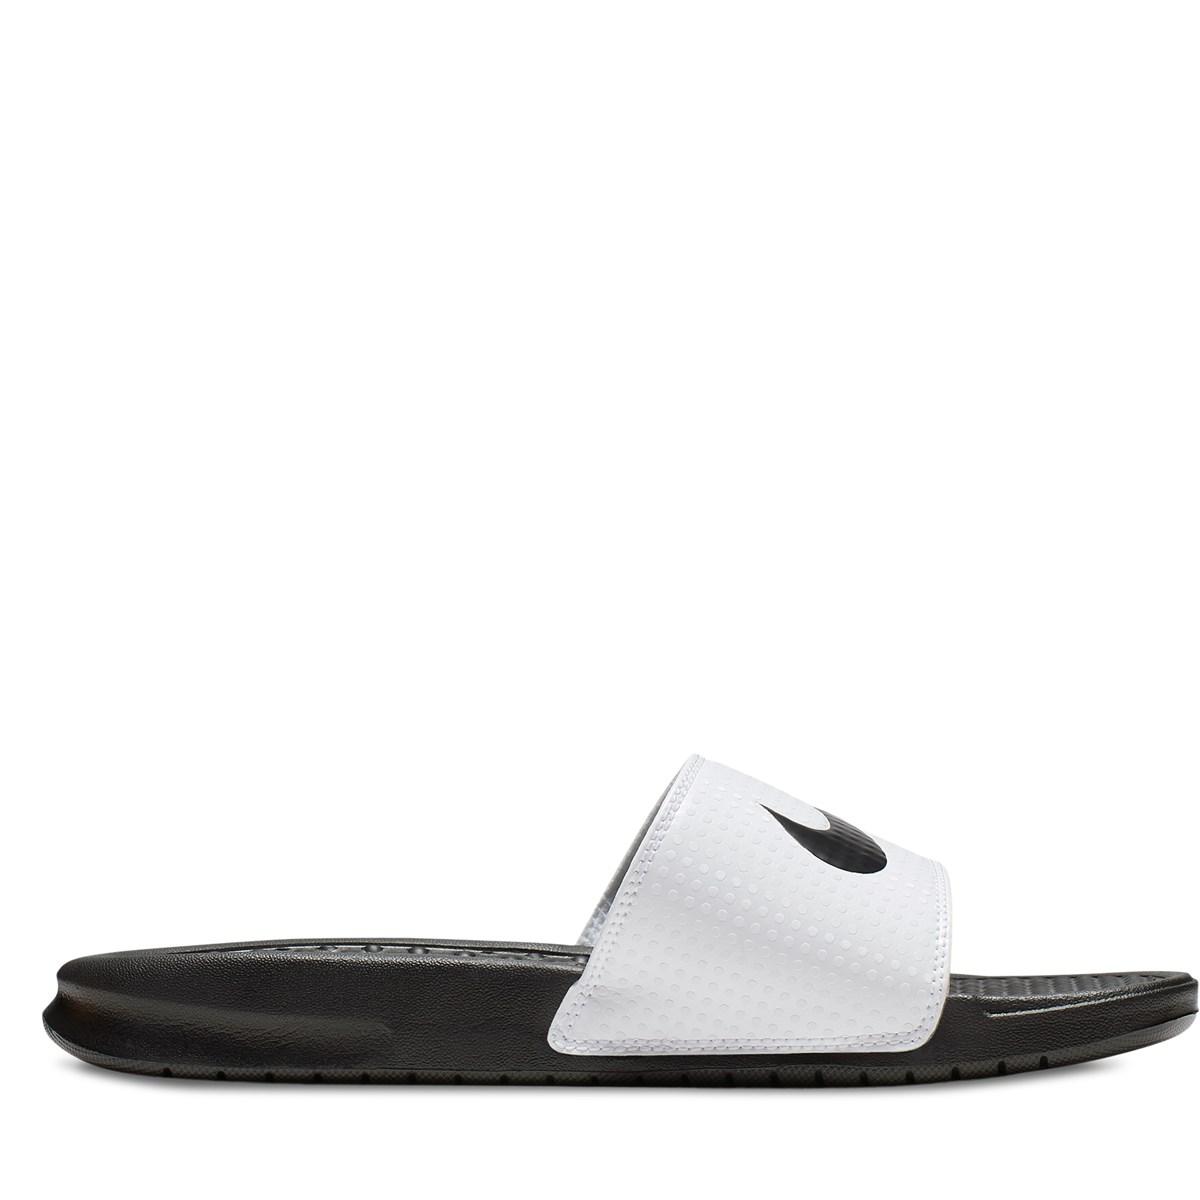 Women's Benassi Swoosh Slides in White